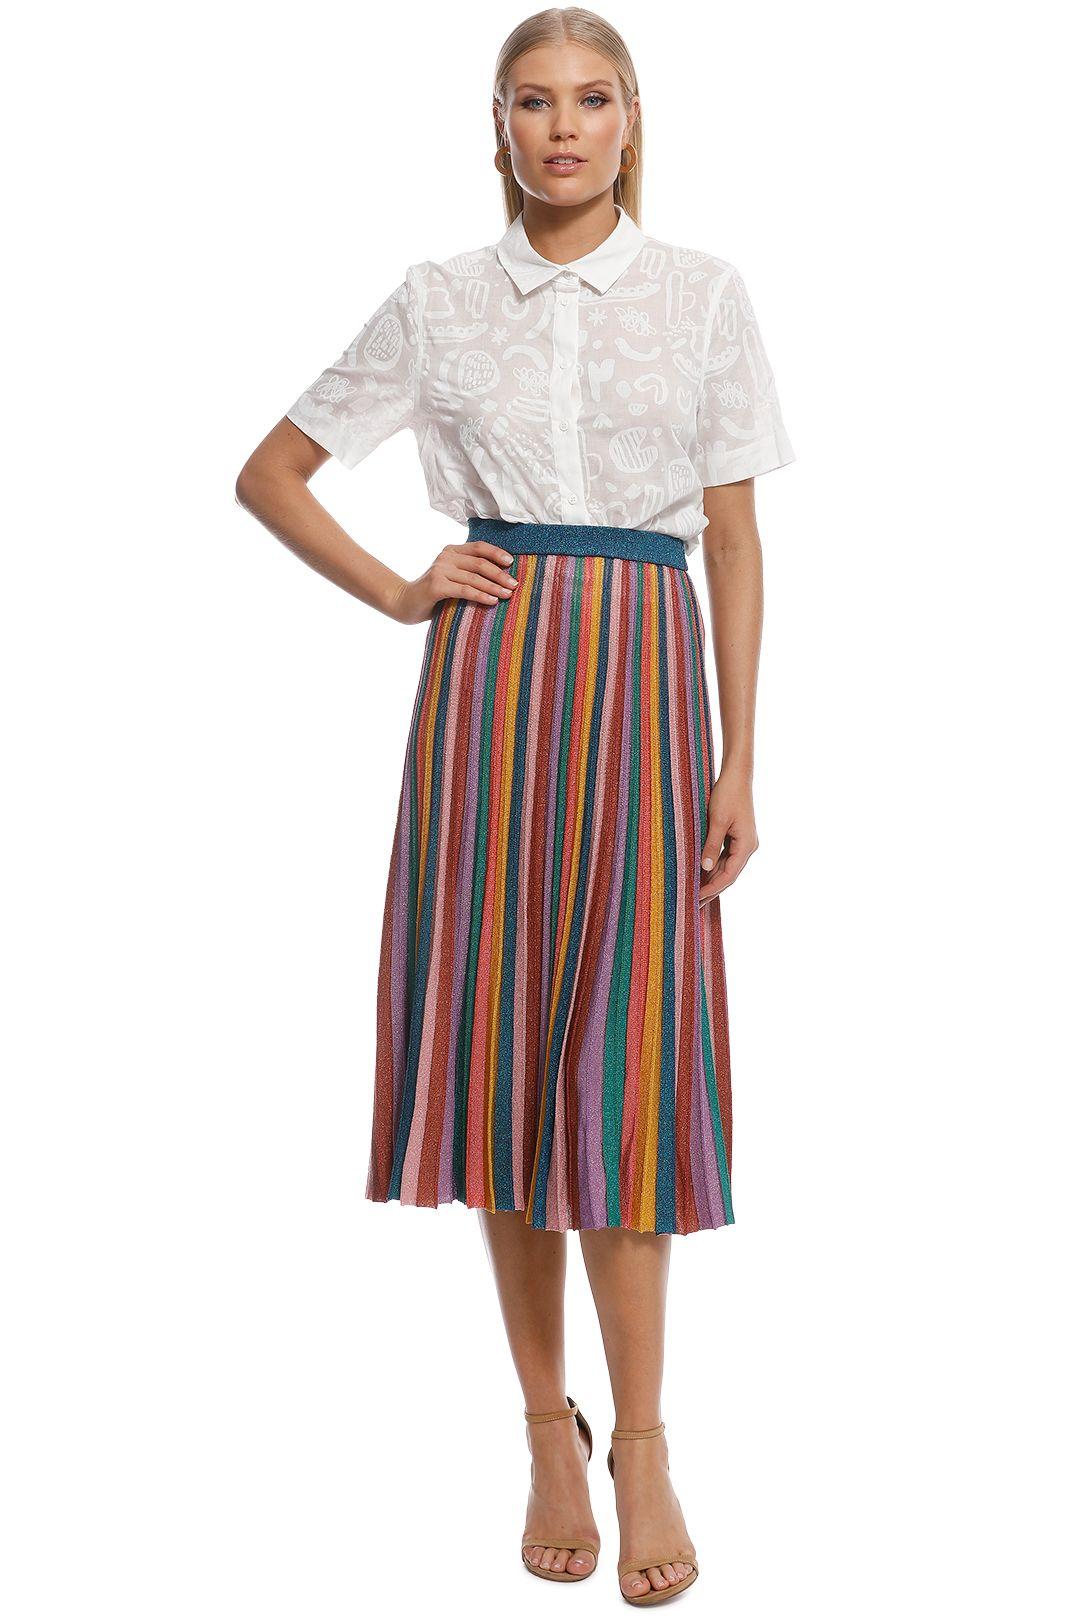 Gorman - Rainbow Knit Skirt - Multi - Front